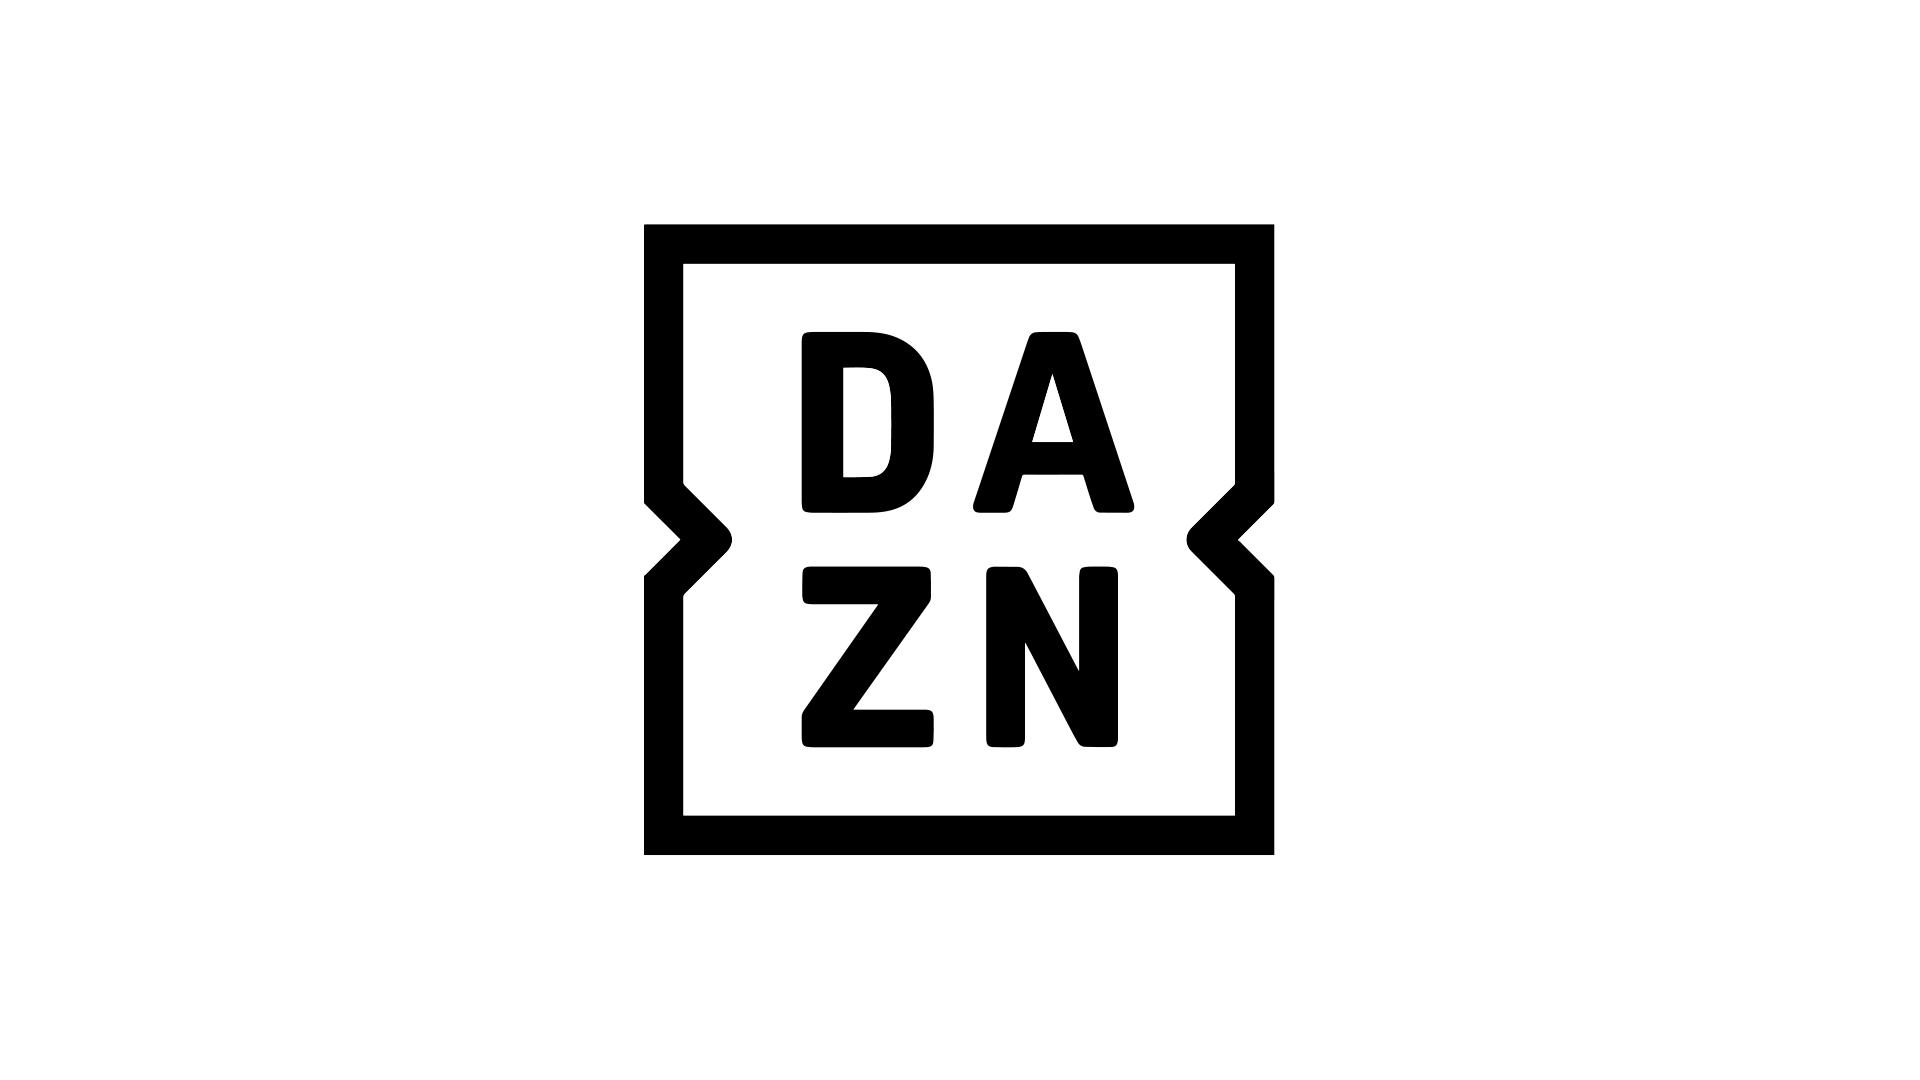 Dazhn